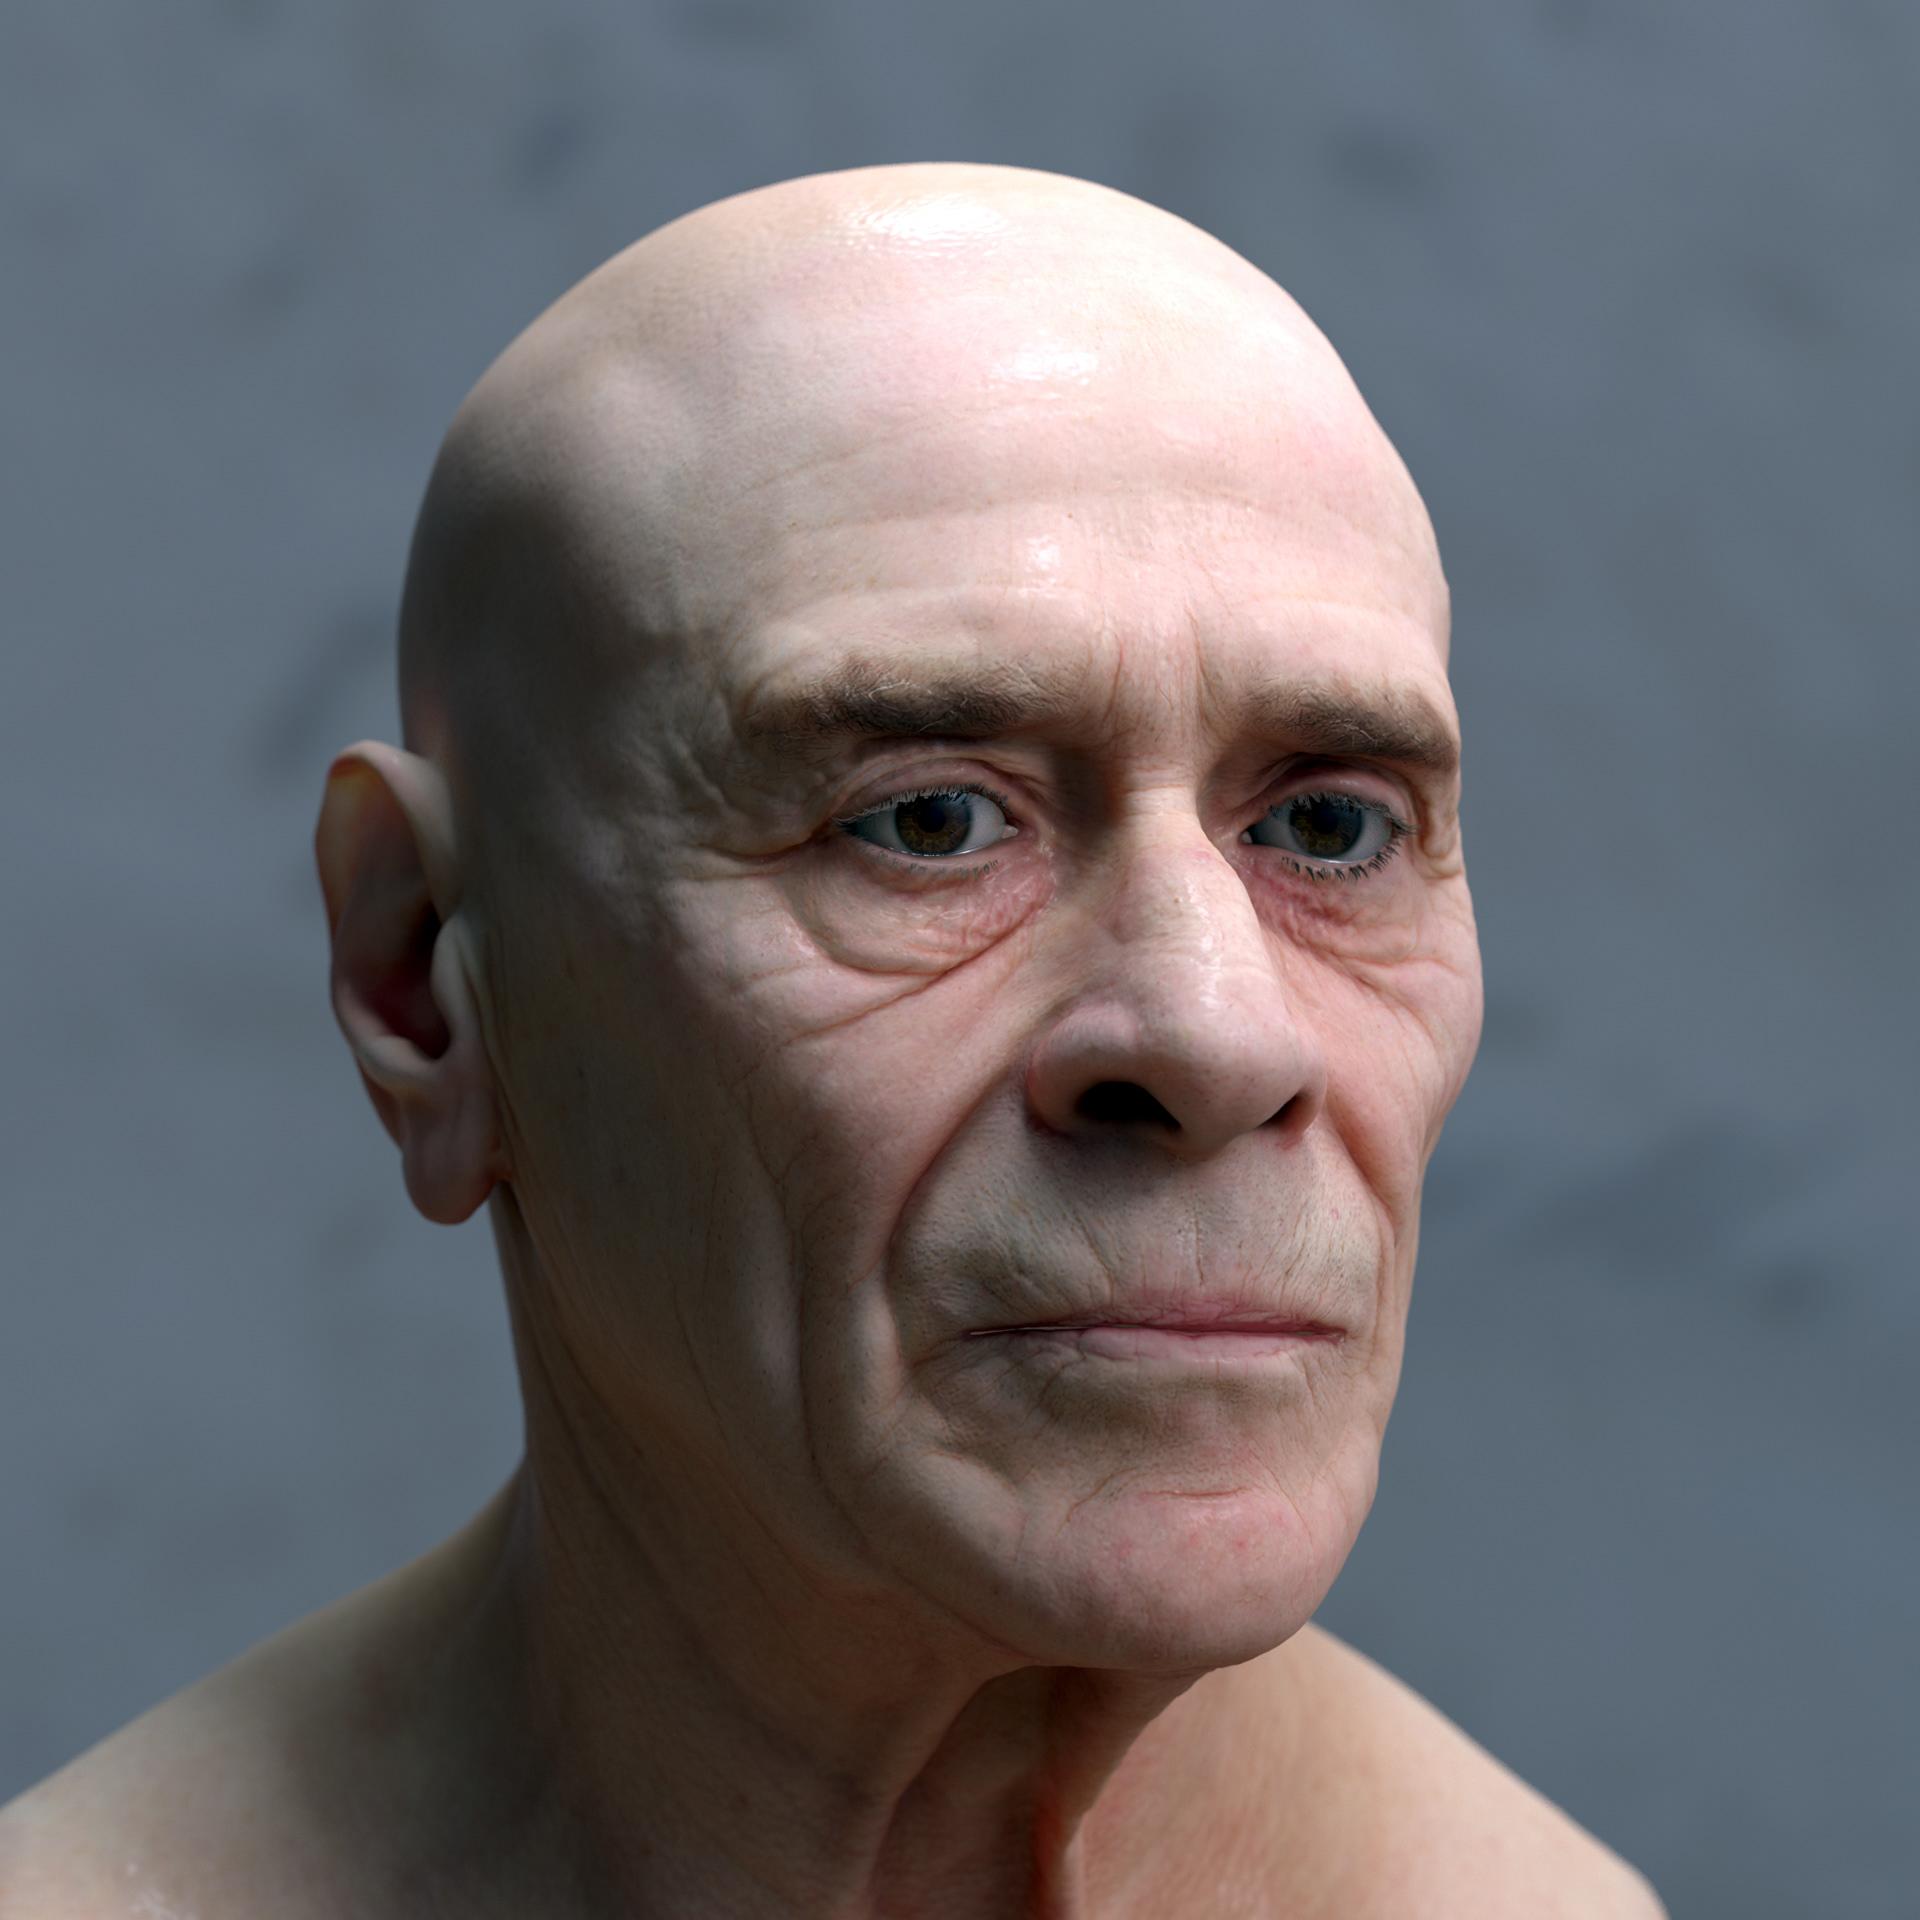 deformed face man - HD1920×1920